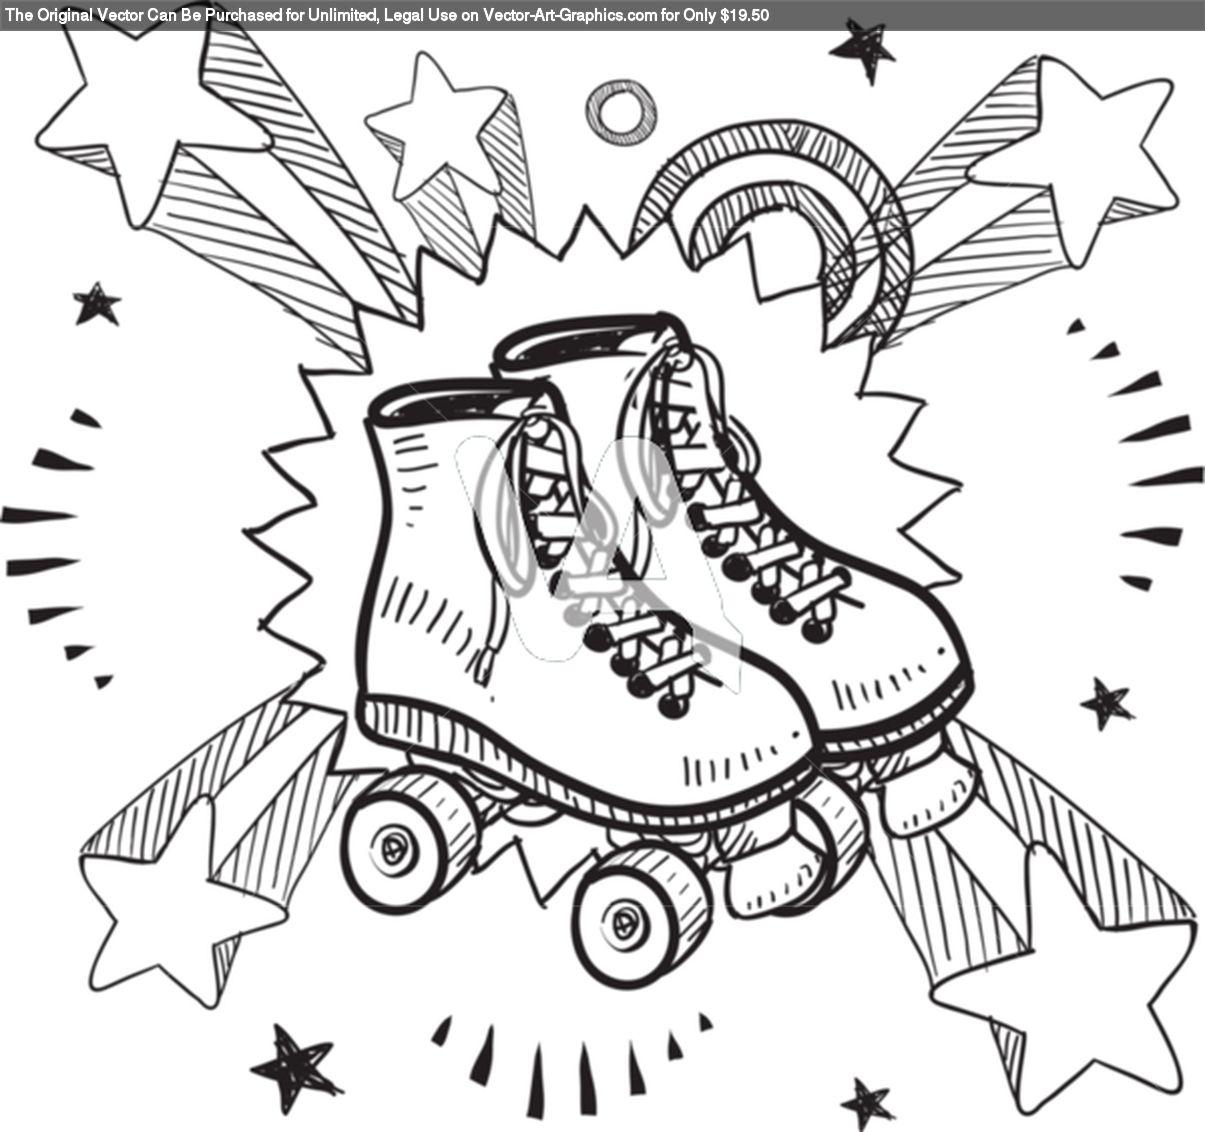 Roller skates book - Roller Skates Excitement Sketch